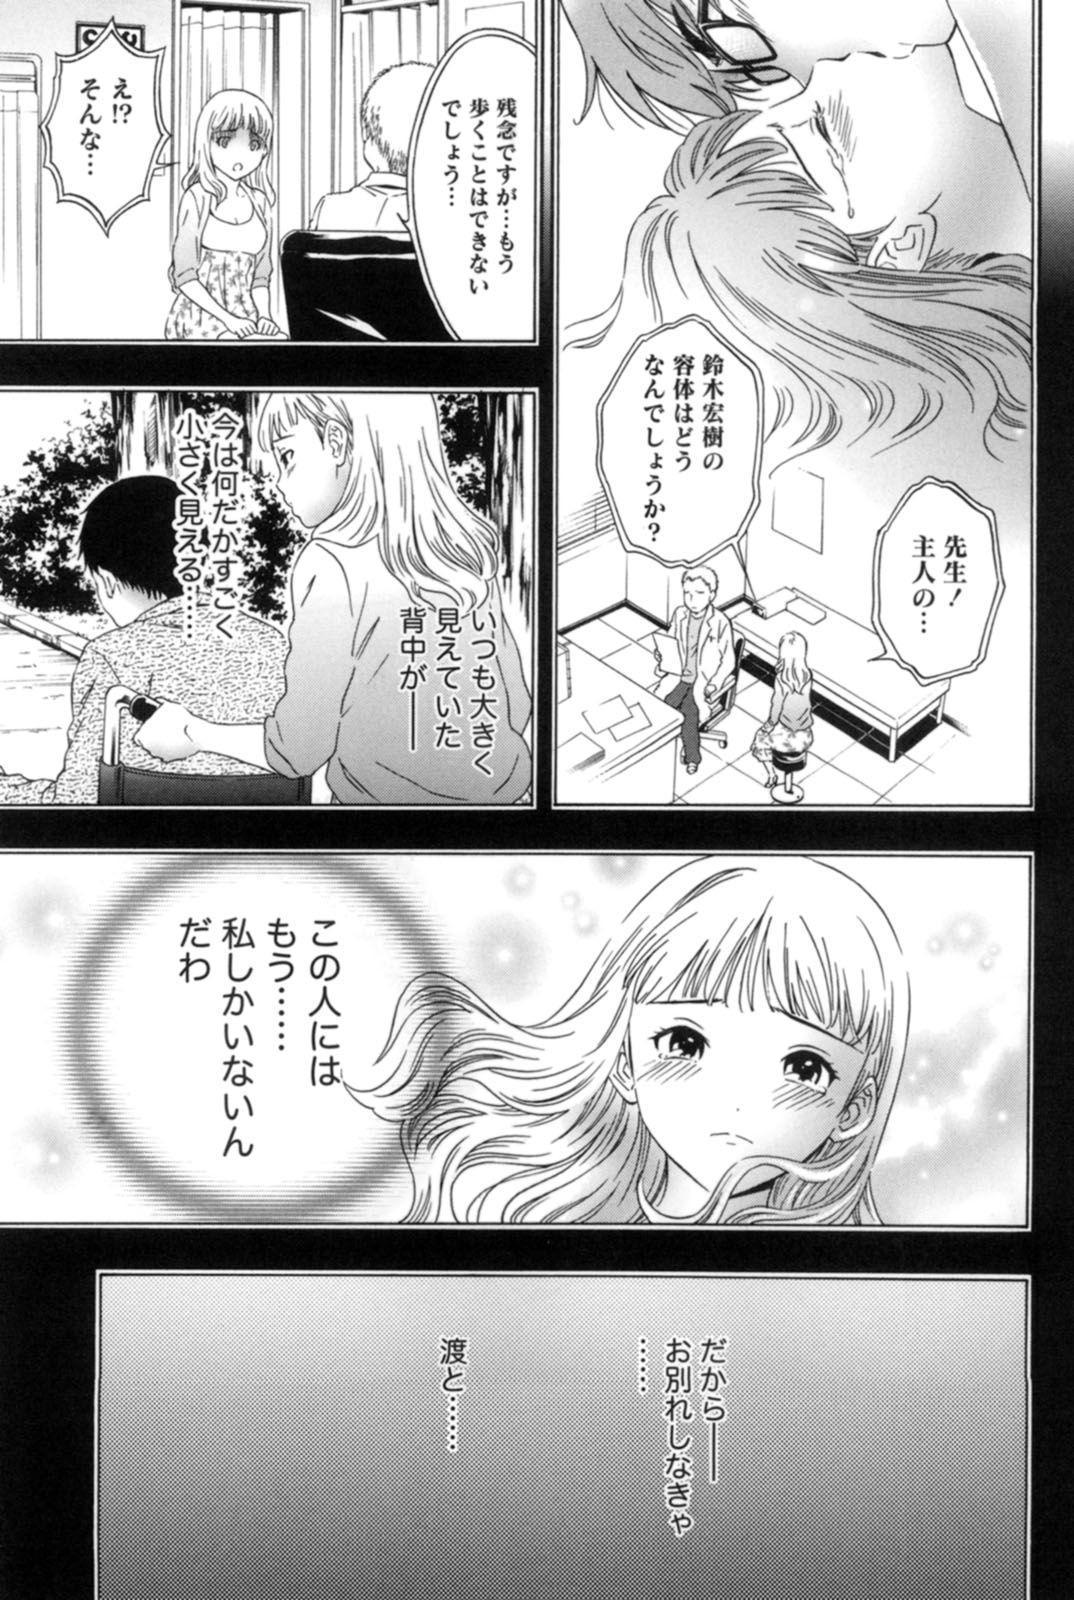 Mahiru no Okusama to Yuugure no Ojousama 143